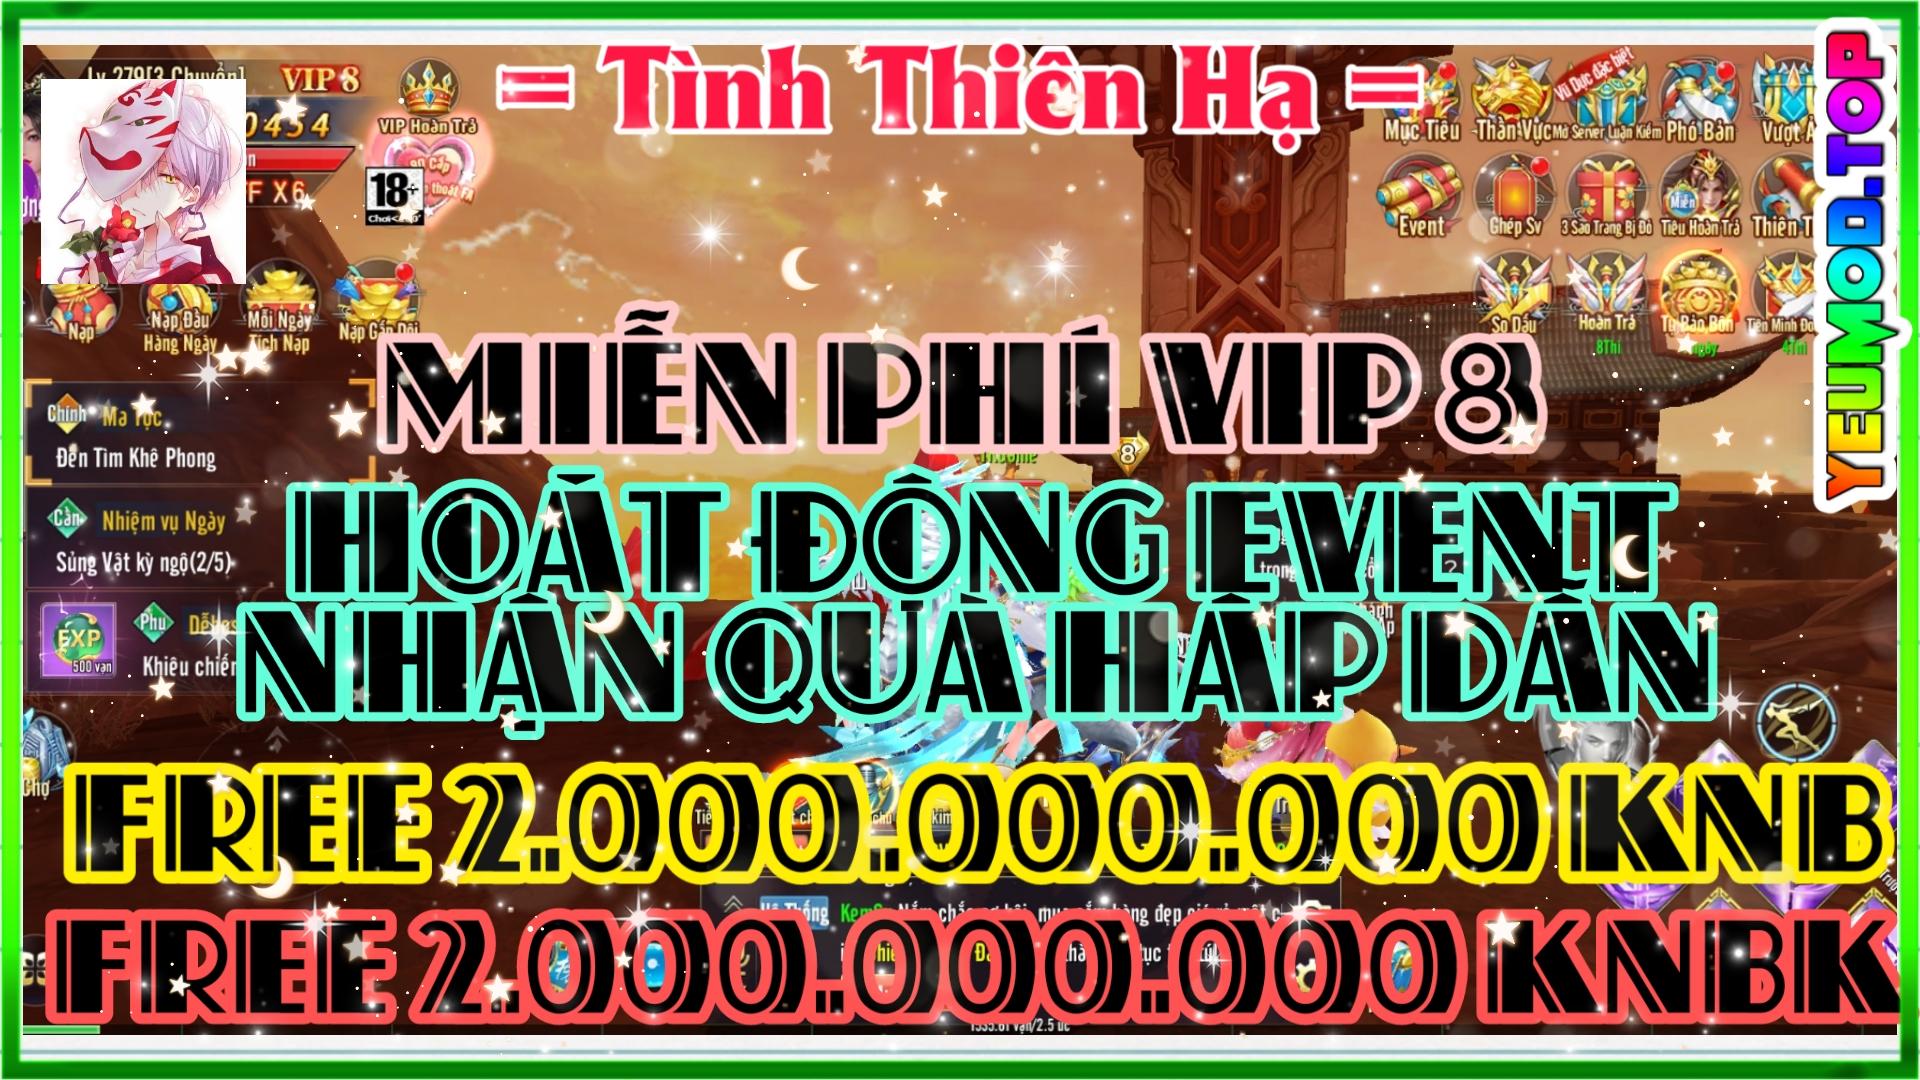 Tình Thiên Hạ Private Việt Hóa | Free VIP 8 | 2.000.000.000 KNB | 2.000.000.000 KNBK | Hoạt Động Event Nhận Quà Hấp Dẫn